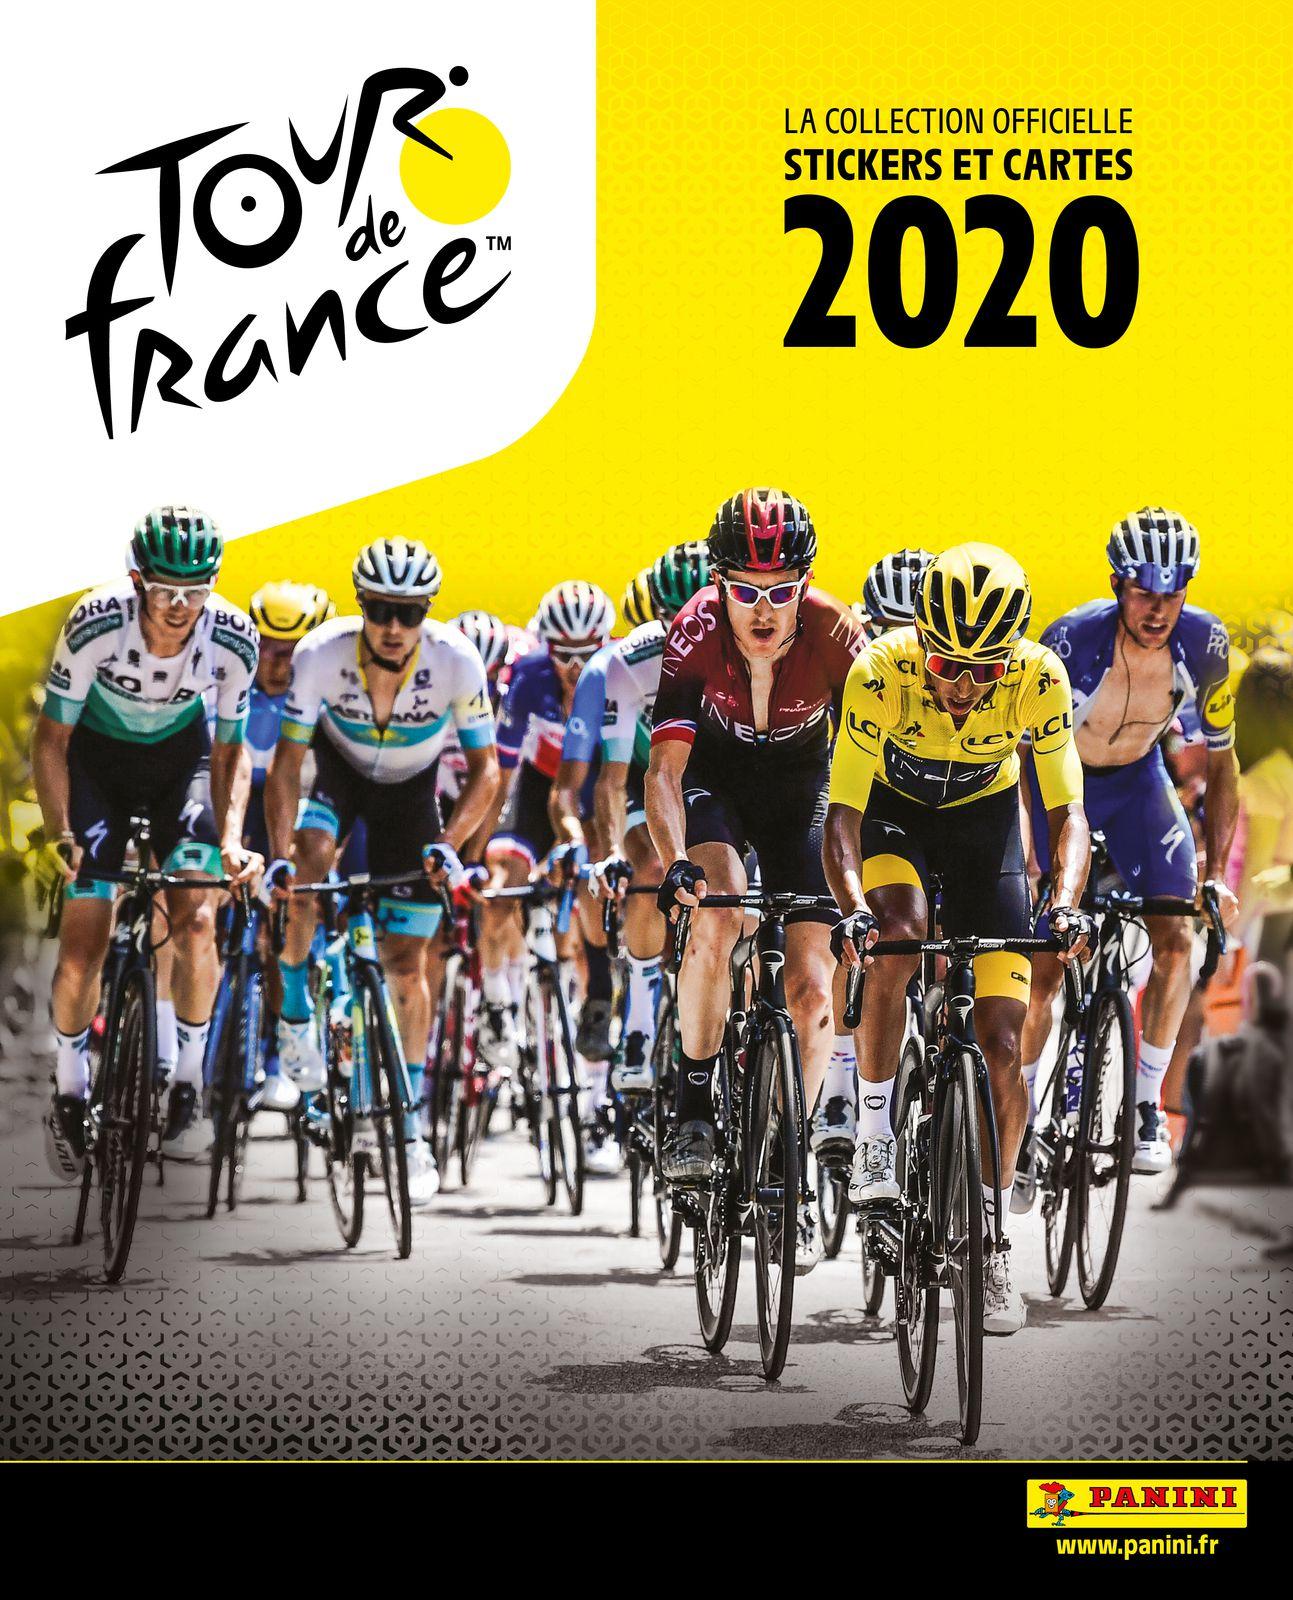 Panini lance un nouvel album de stickers pour le Tour de France 2020.